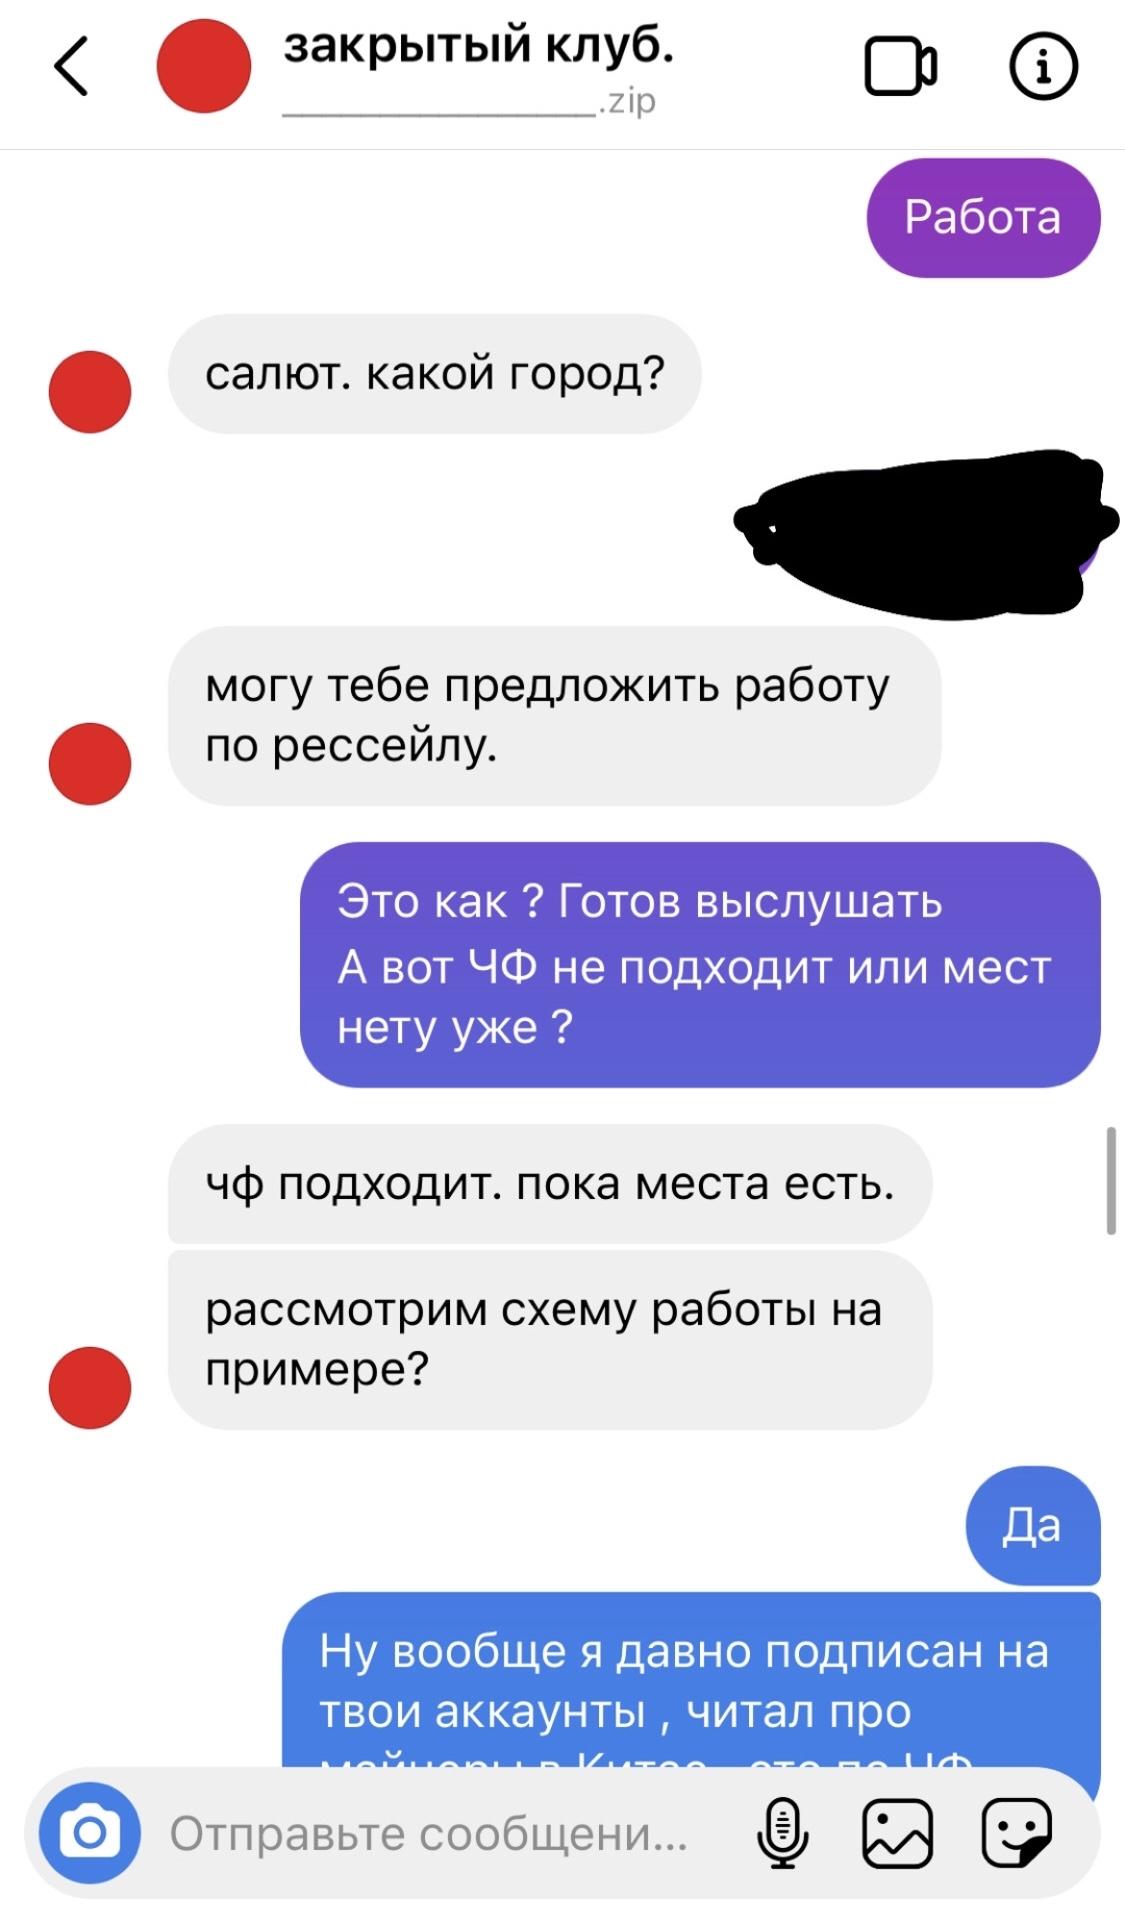 Закрытый клуб интернет футбольный клуб барс москва